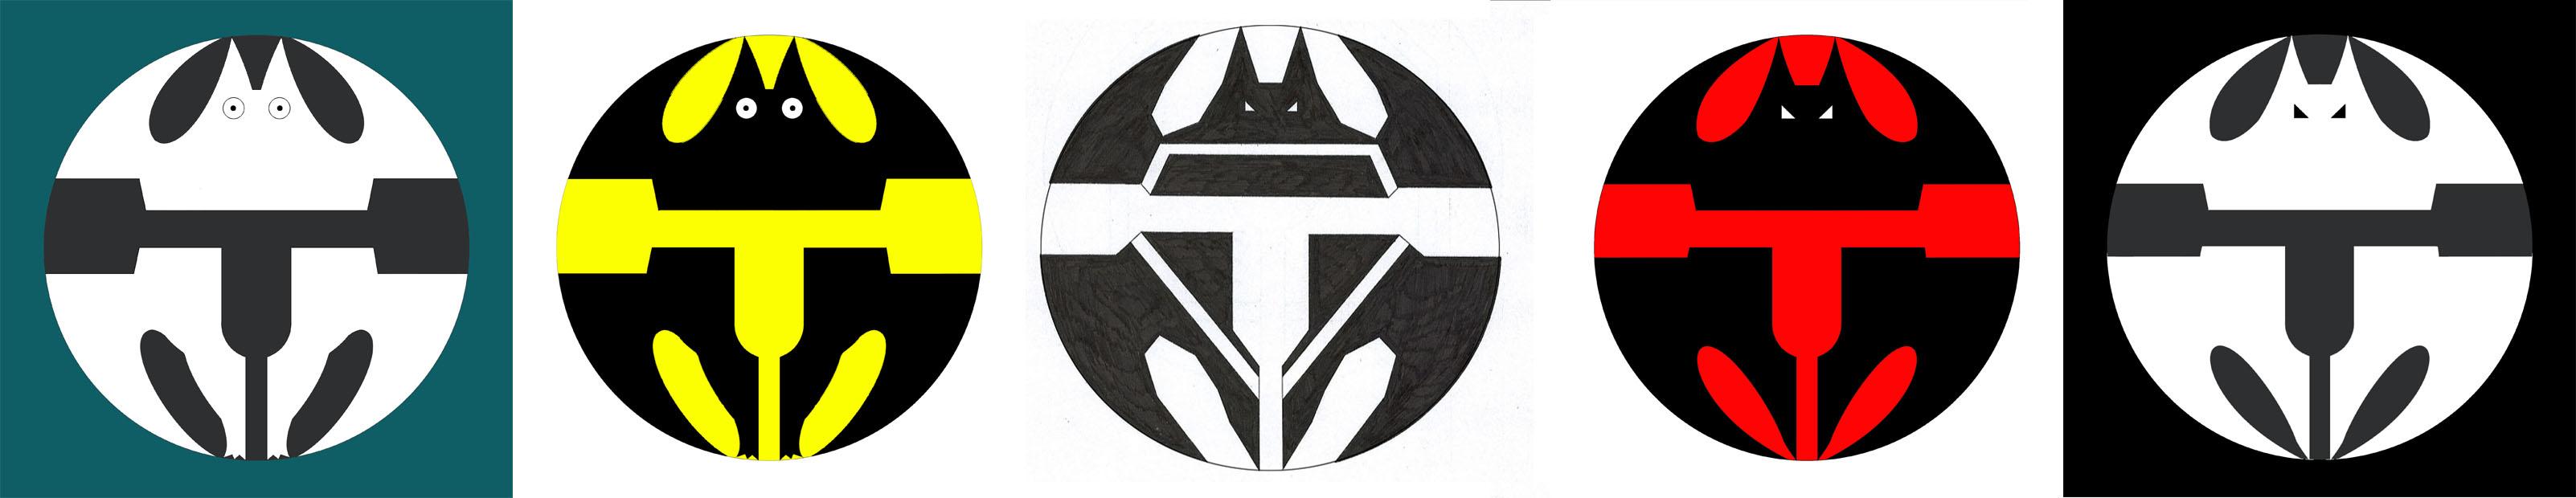 蝙蝠与龙猫-3  (2).jpg